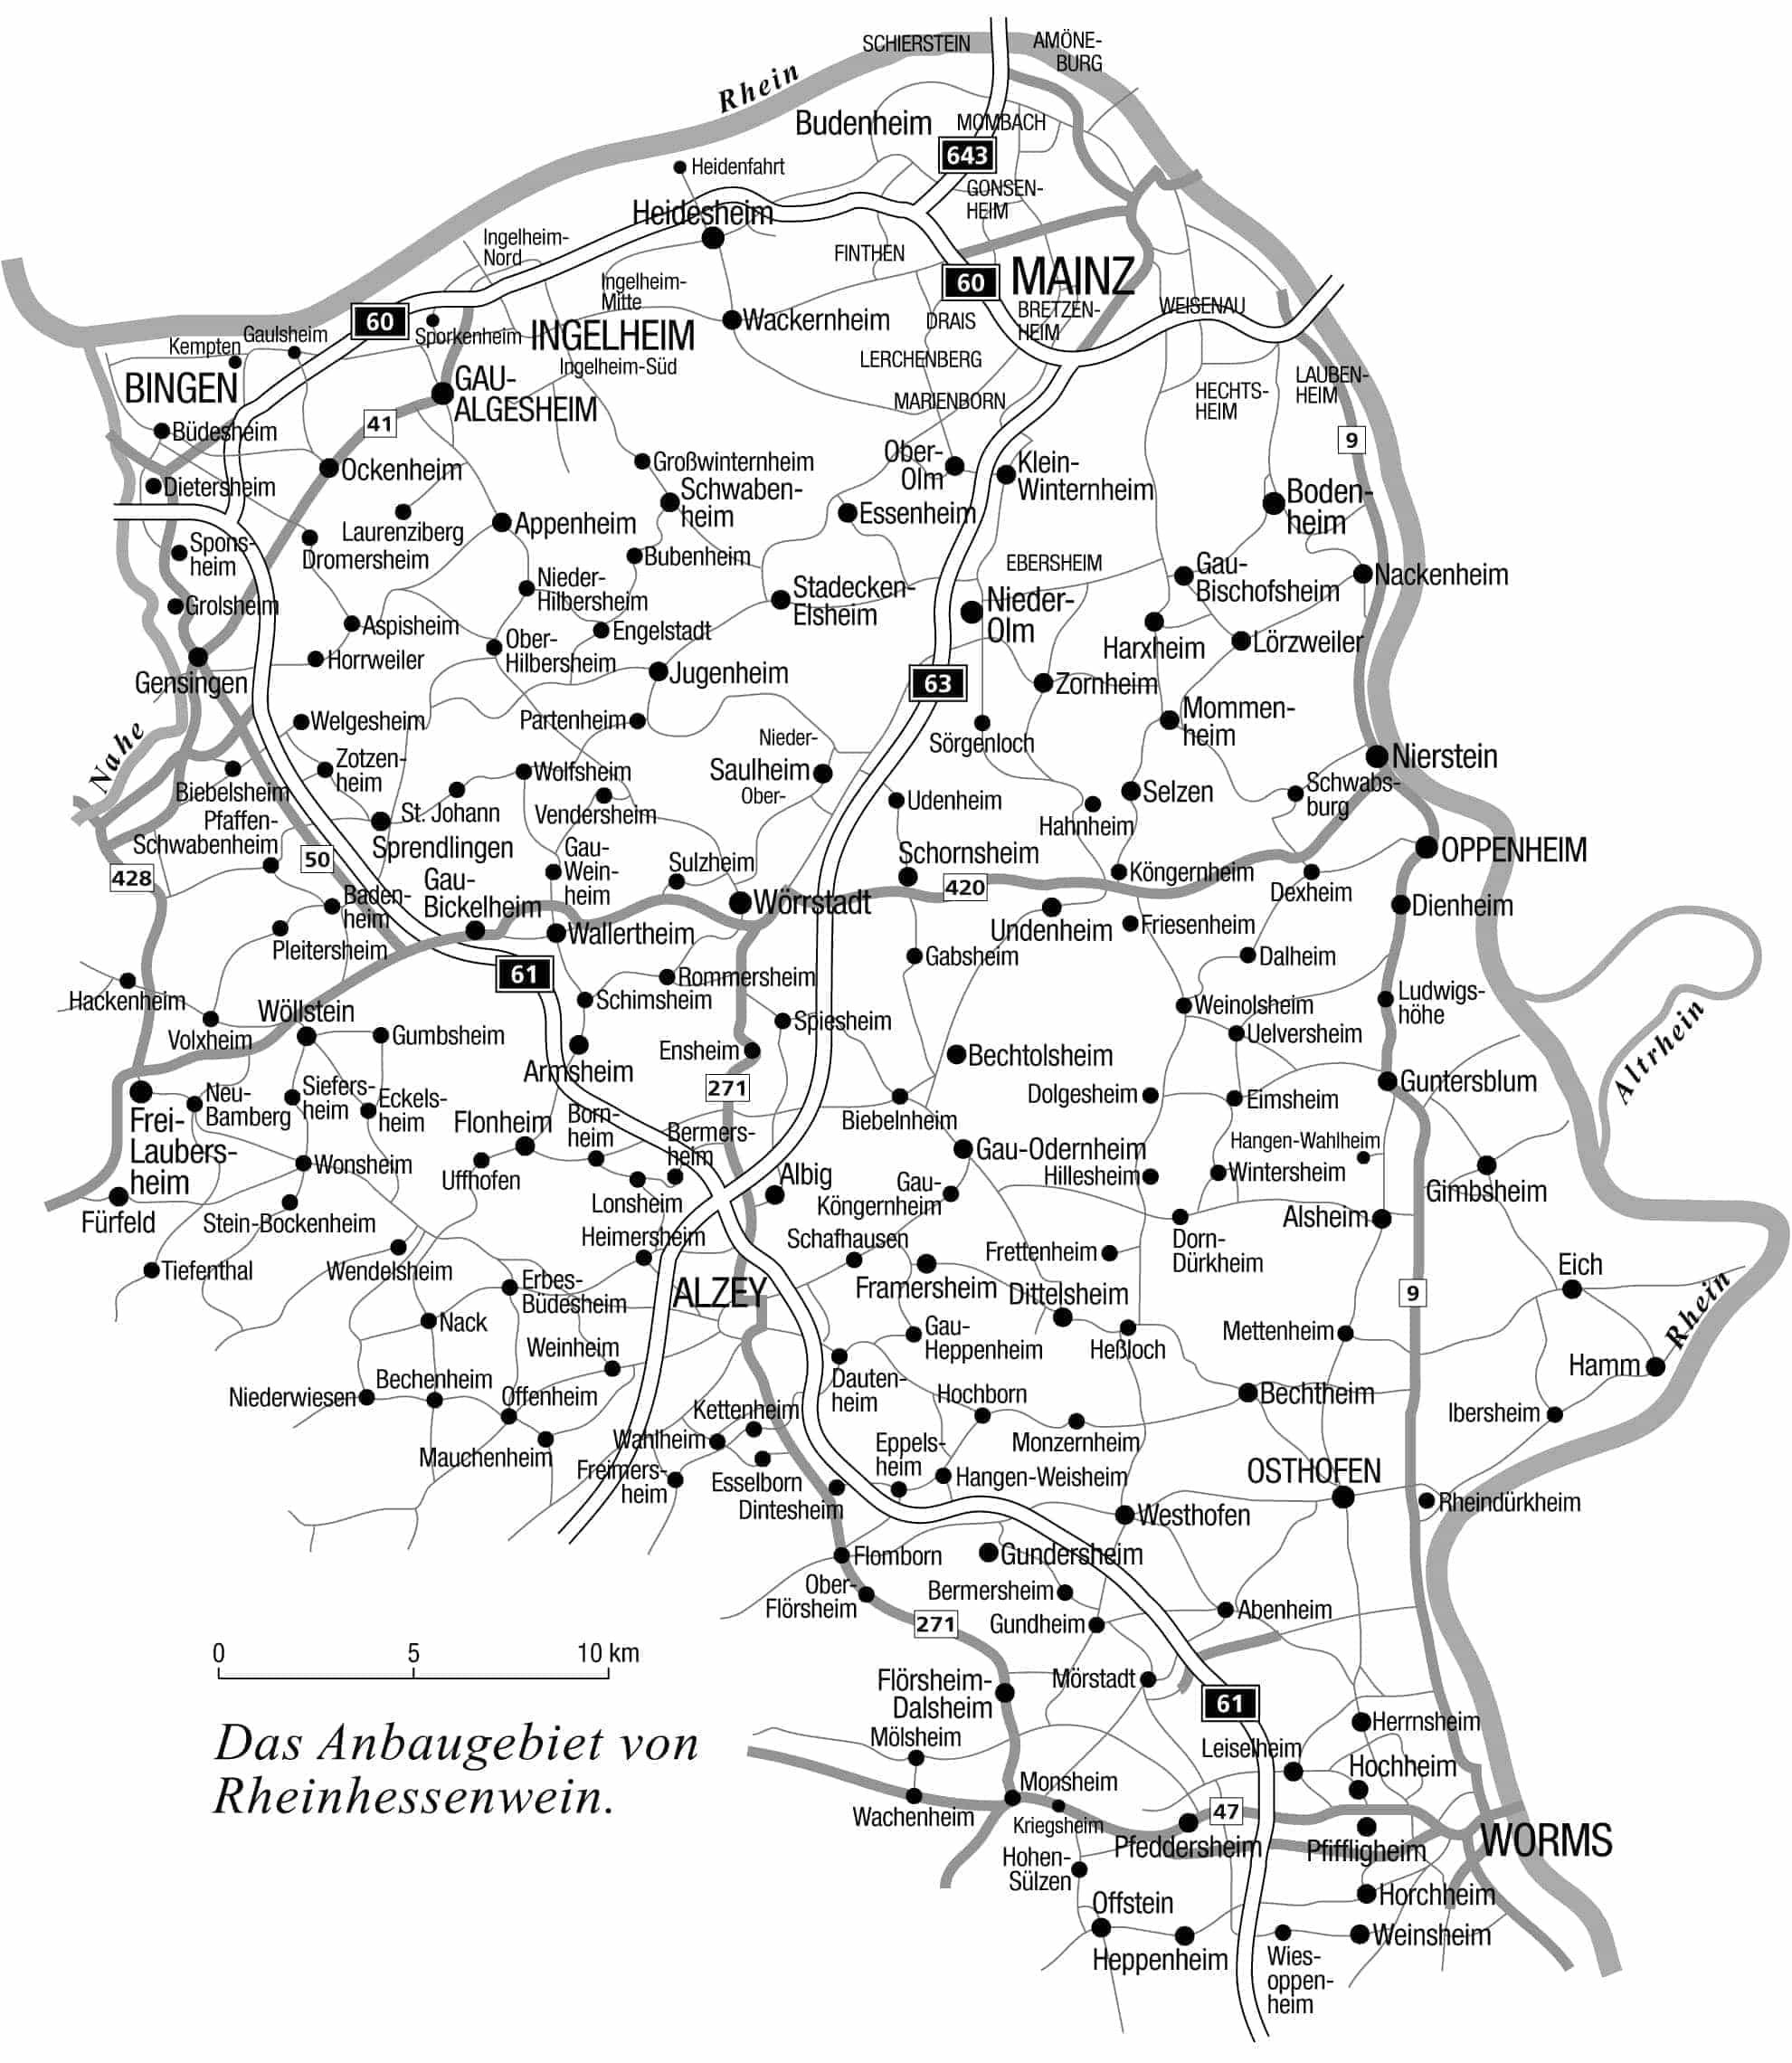 Landkarte von Rheinhessen